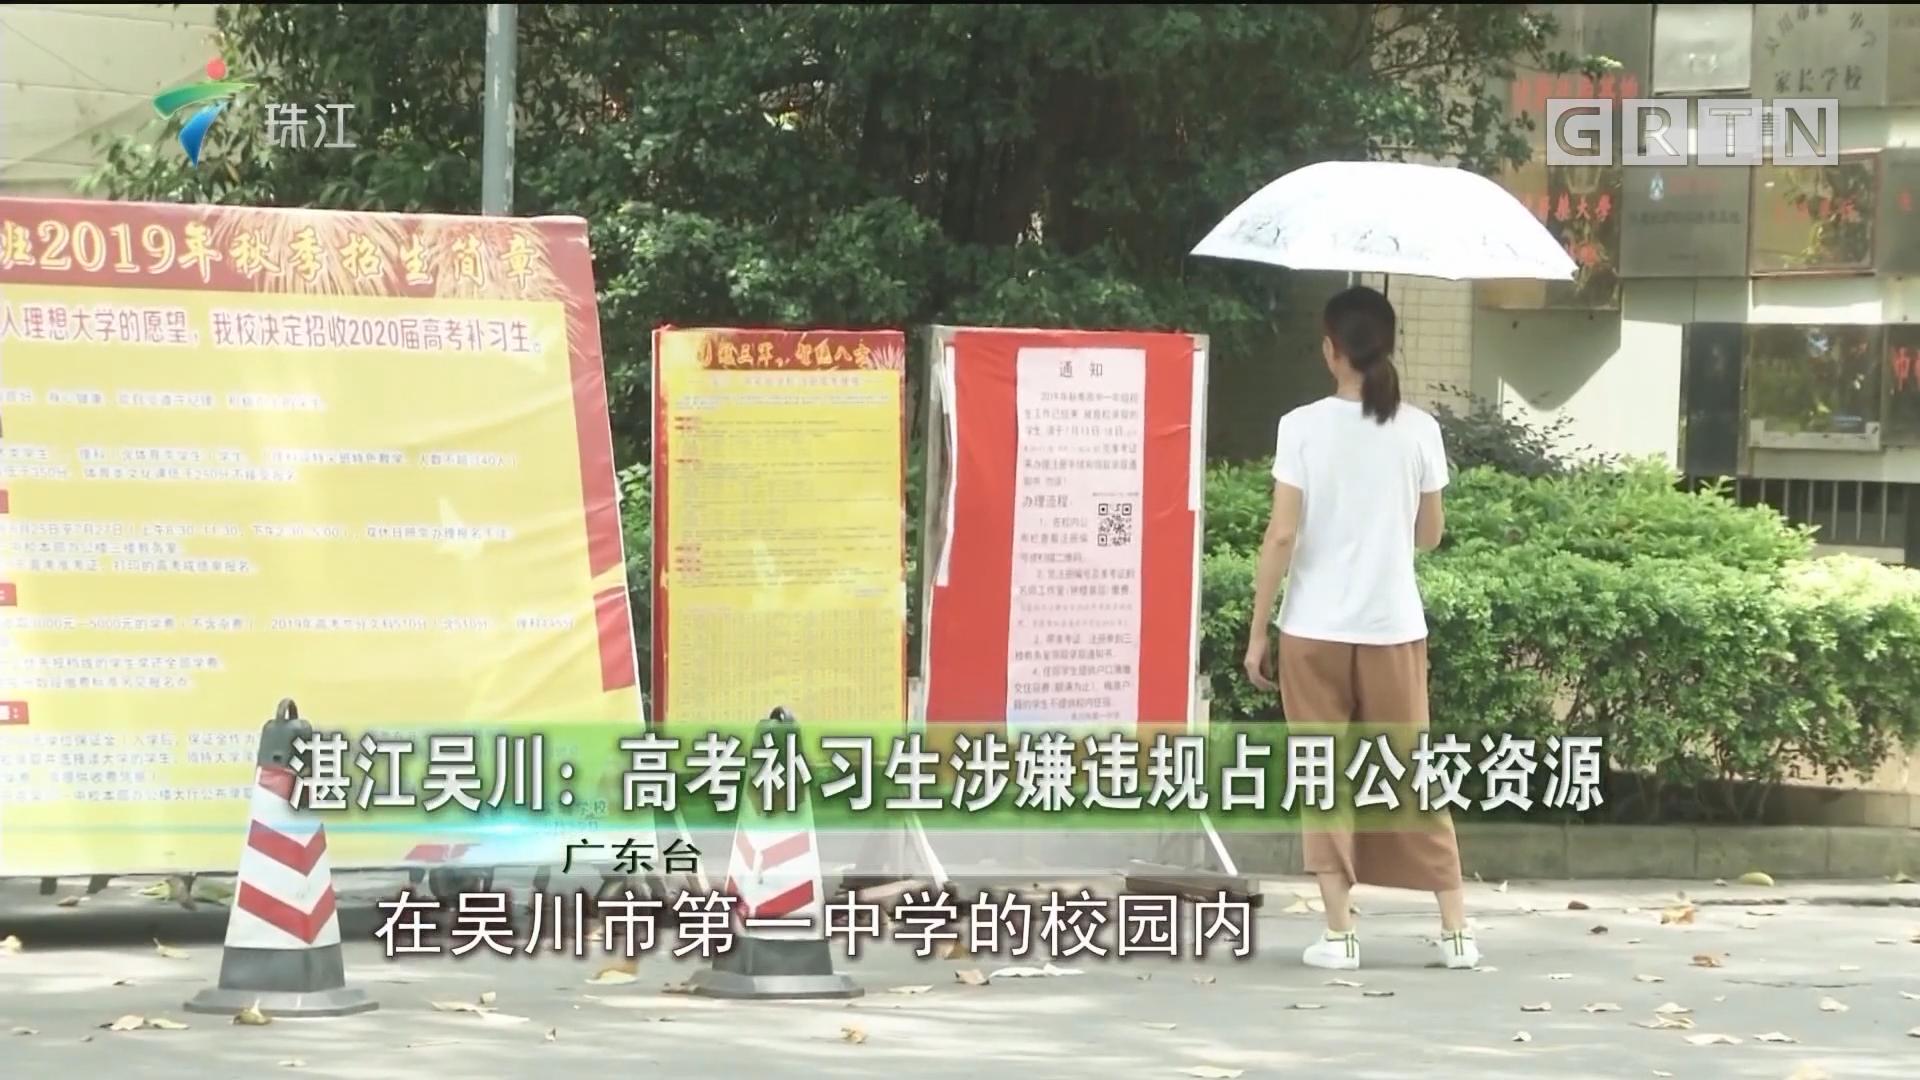 湛江吴川:高考补习生涉嫌违规占用公校资源